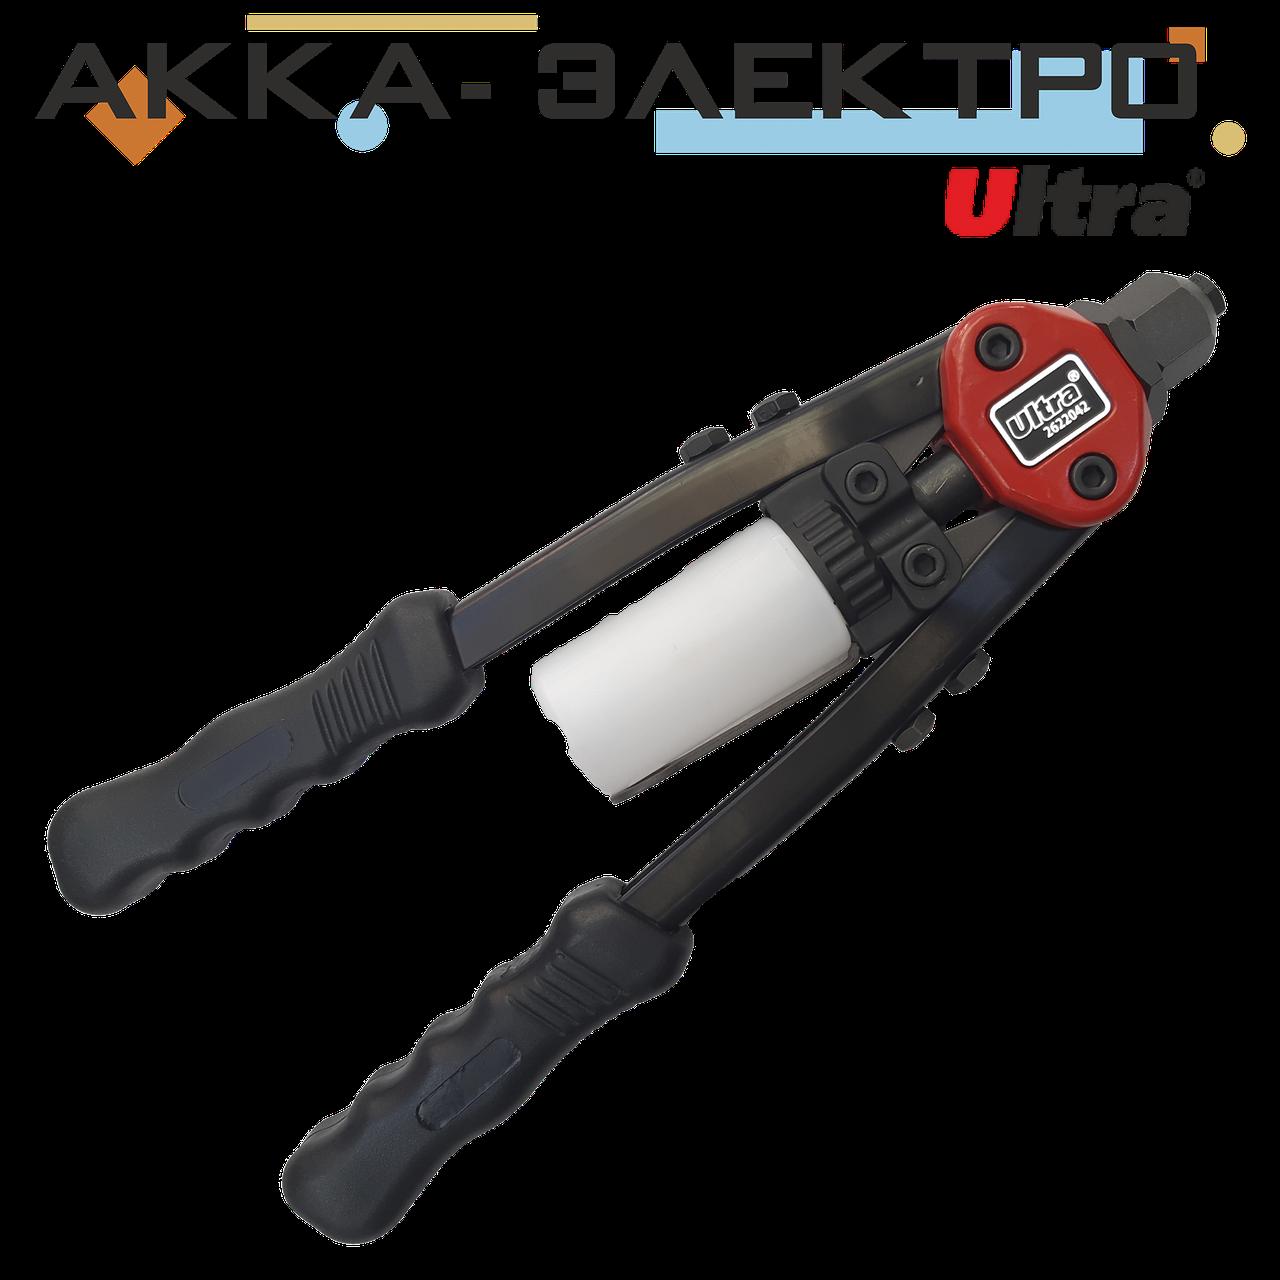 Пістолет заклепувальний Ultra 320 мм дворучний (2622042)